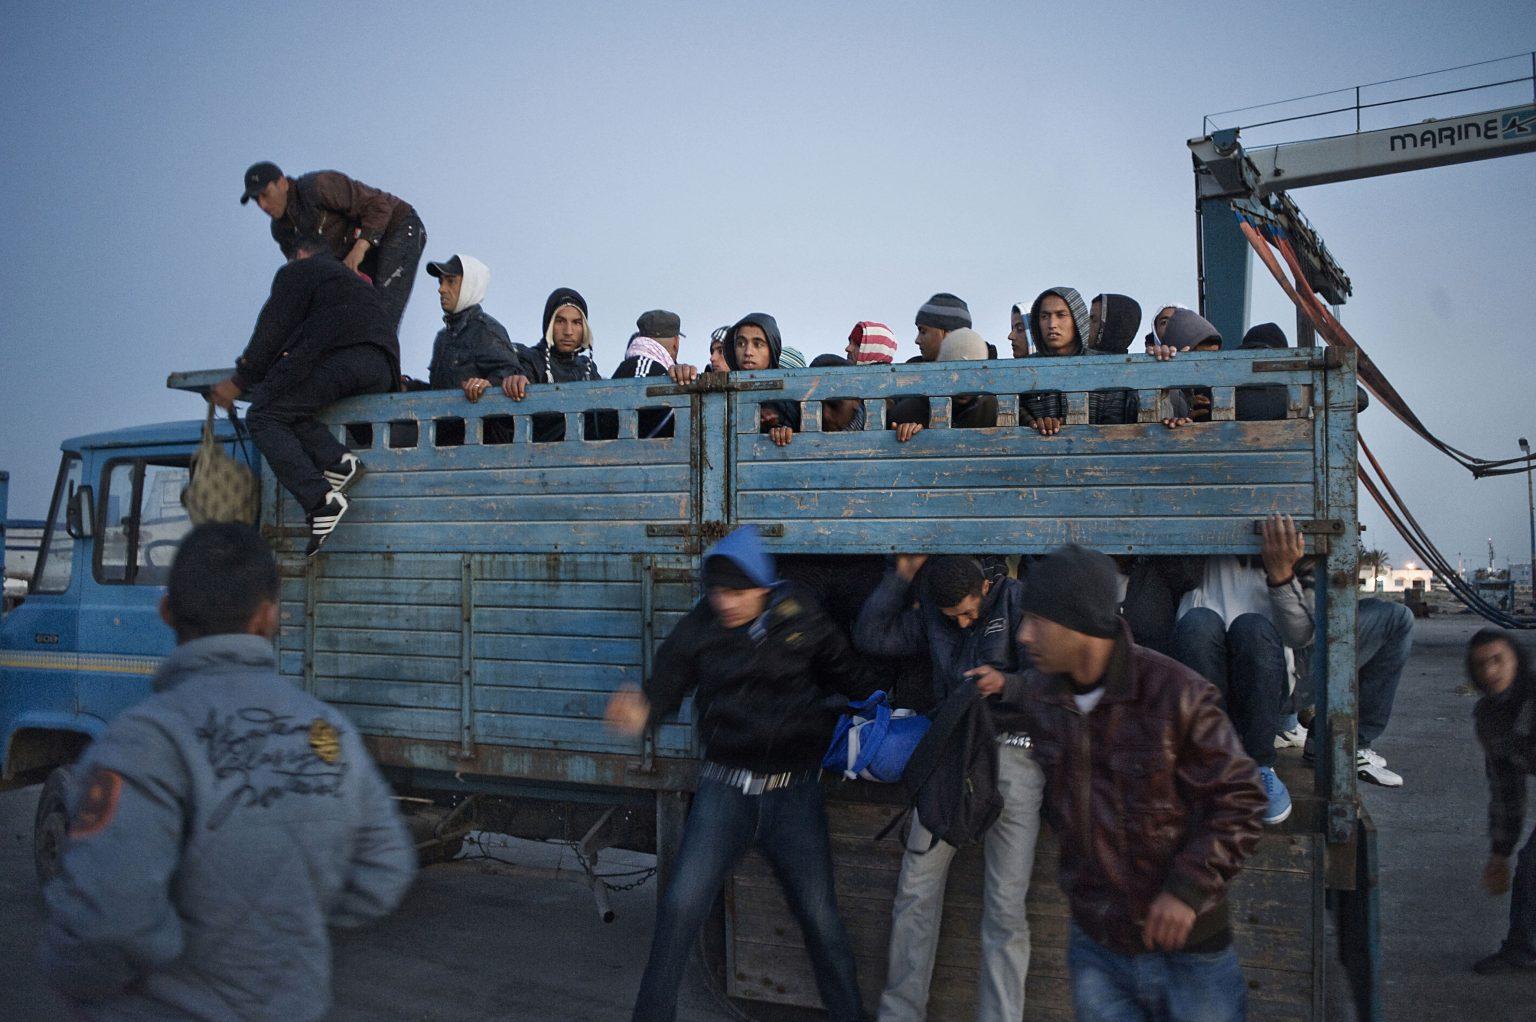 Zarziz, Tunisia, March 2011 - Some young migrants being carried to the illegal ferries to Italy. Often migrants are transported by truck for livestock. ><  Zarziz, Tunisia, marzo 2011 - Alcuni giovani migranti vengono portati verso gli imbarchi diretti verso l'Italia. Spesso i migranti sono trasportati con camion per il bestiame. *** Local Caption *** 00543835